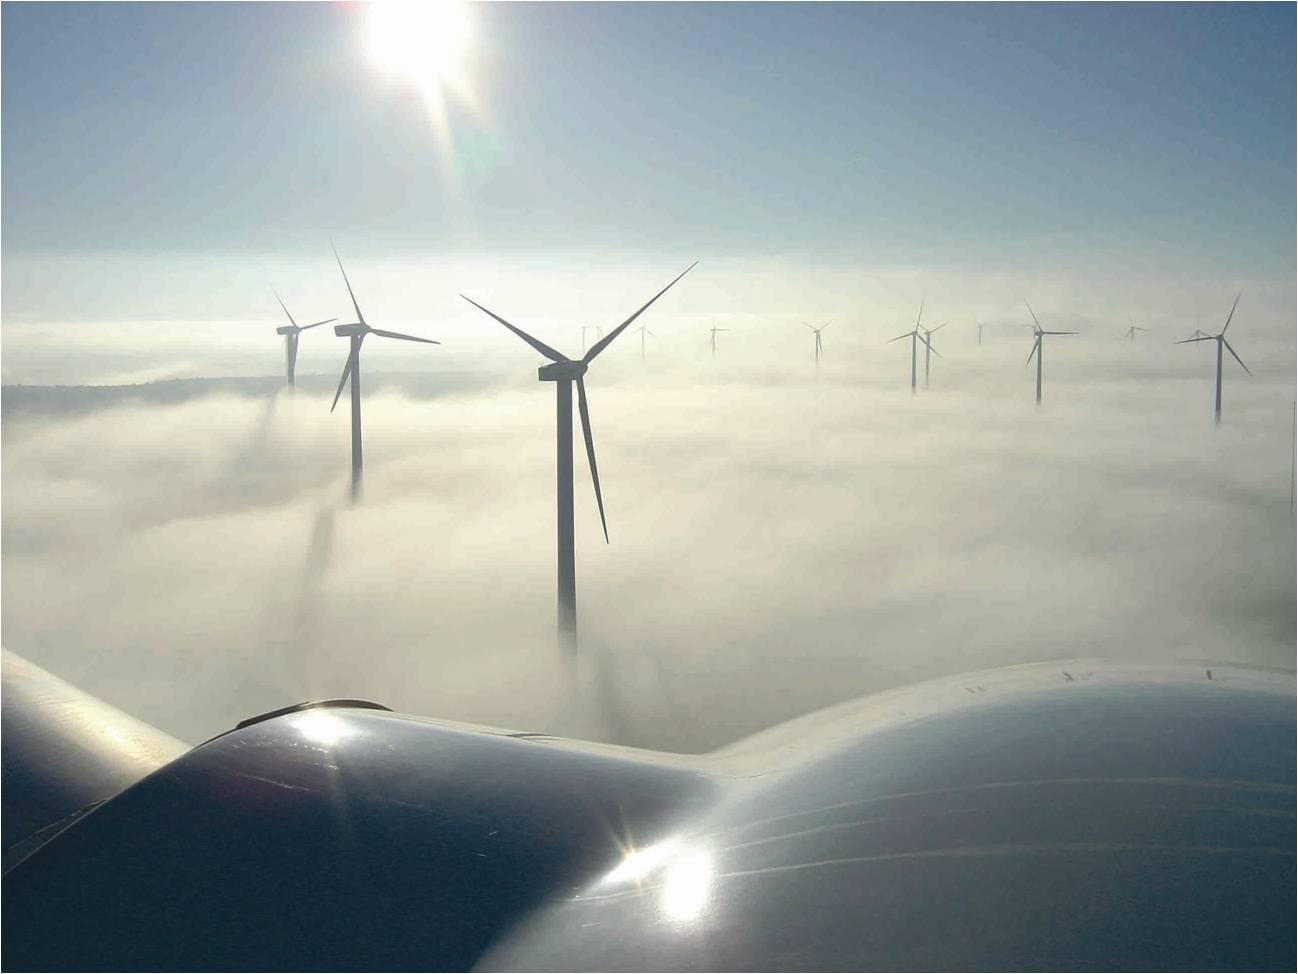 Eólica en Canarias: Siemens Gamesa construirá un parque eólico de 23 MW en Tenerife